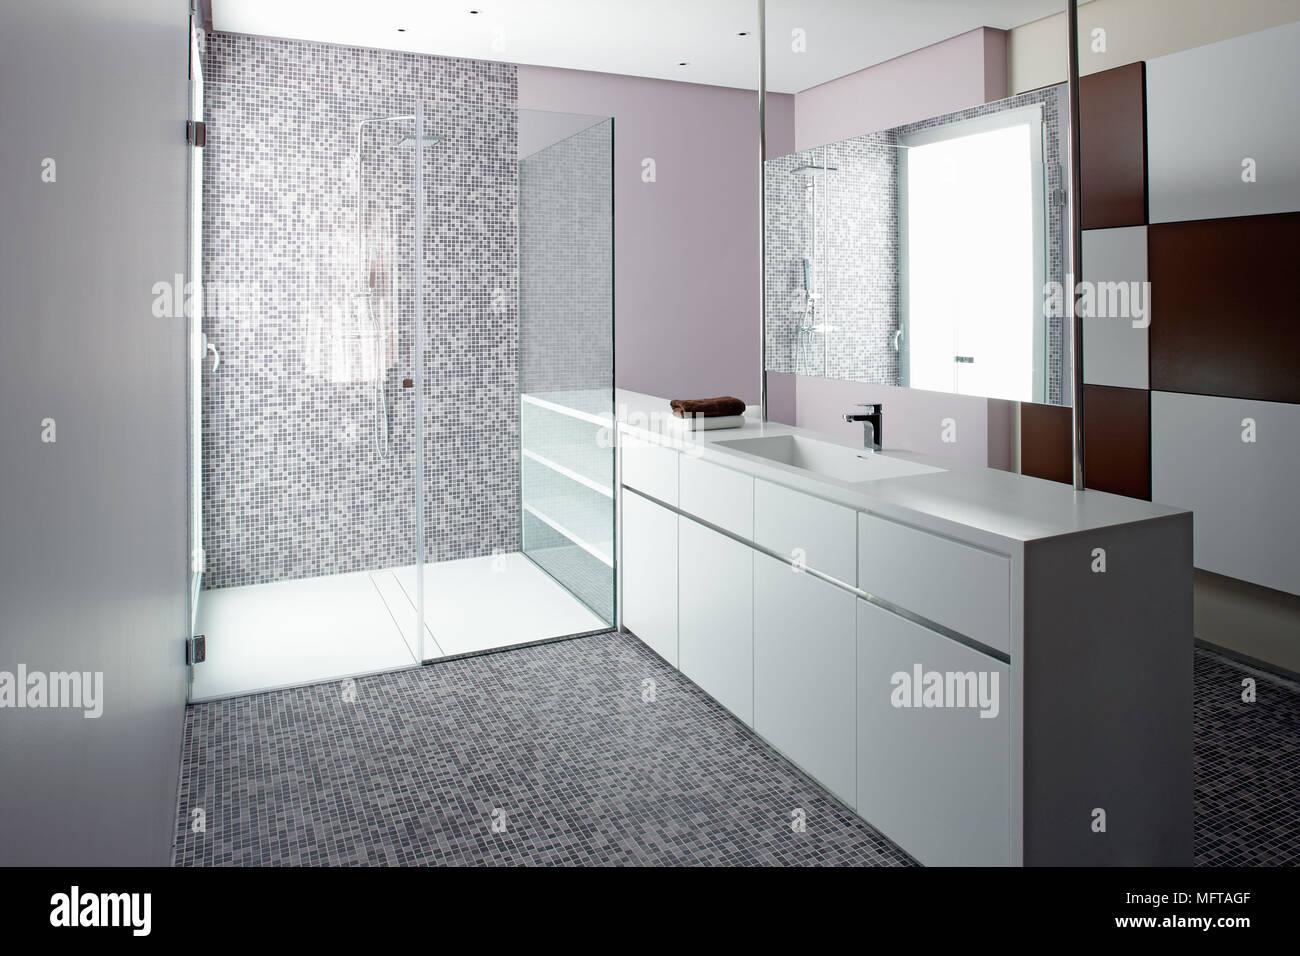 Credenza Moderna Vetro : Specchio sopra lavabo serie in unità di credenza accanto alla zona